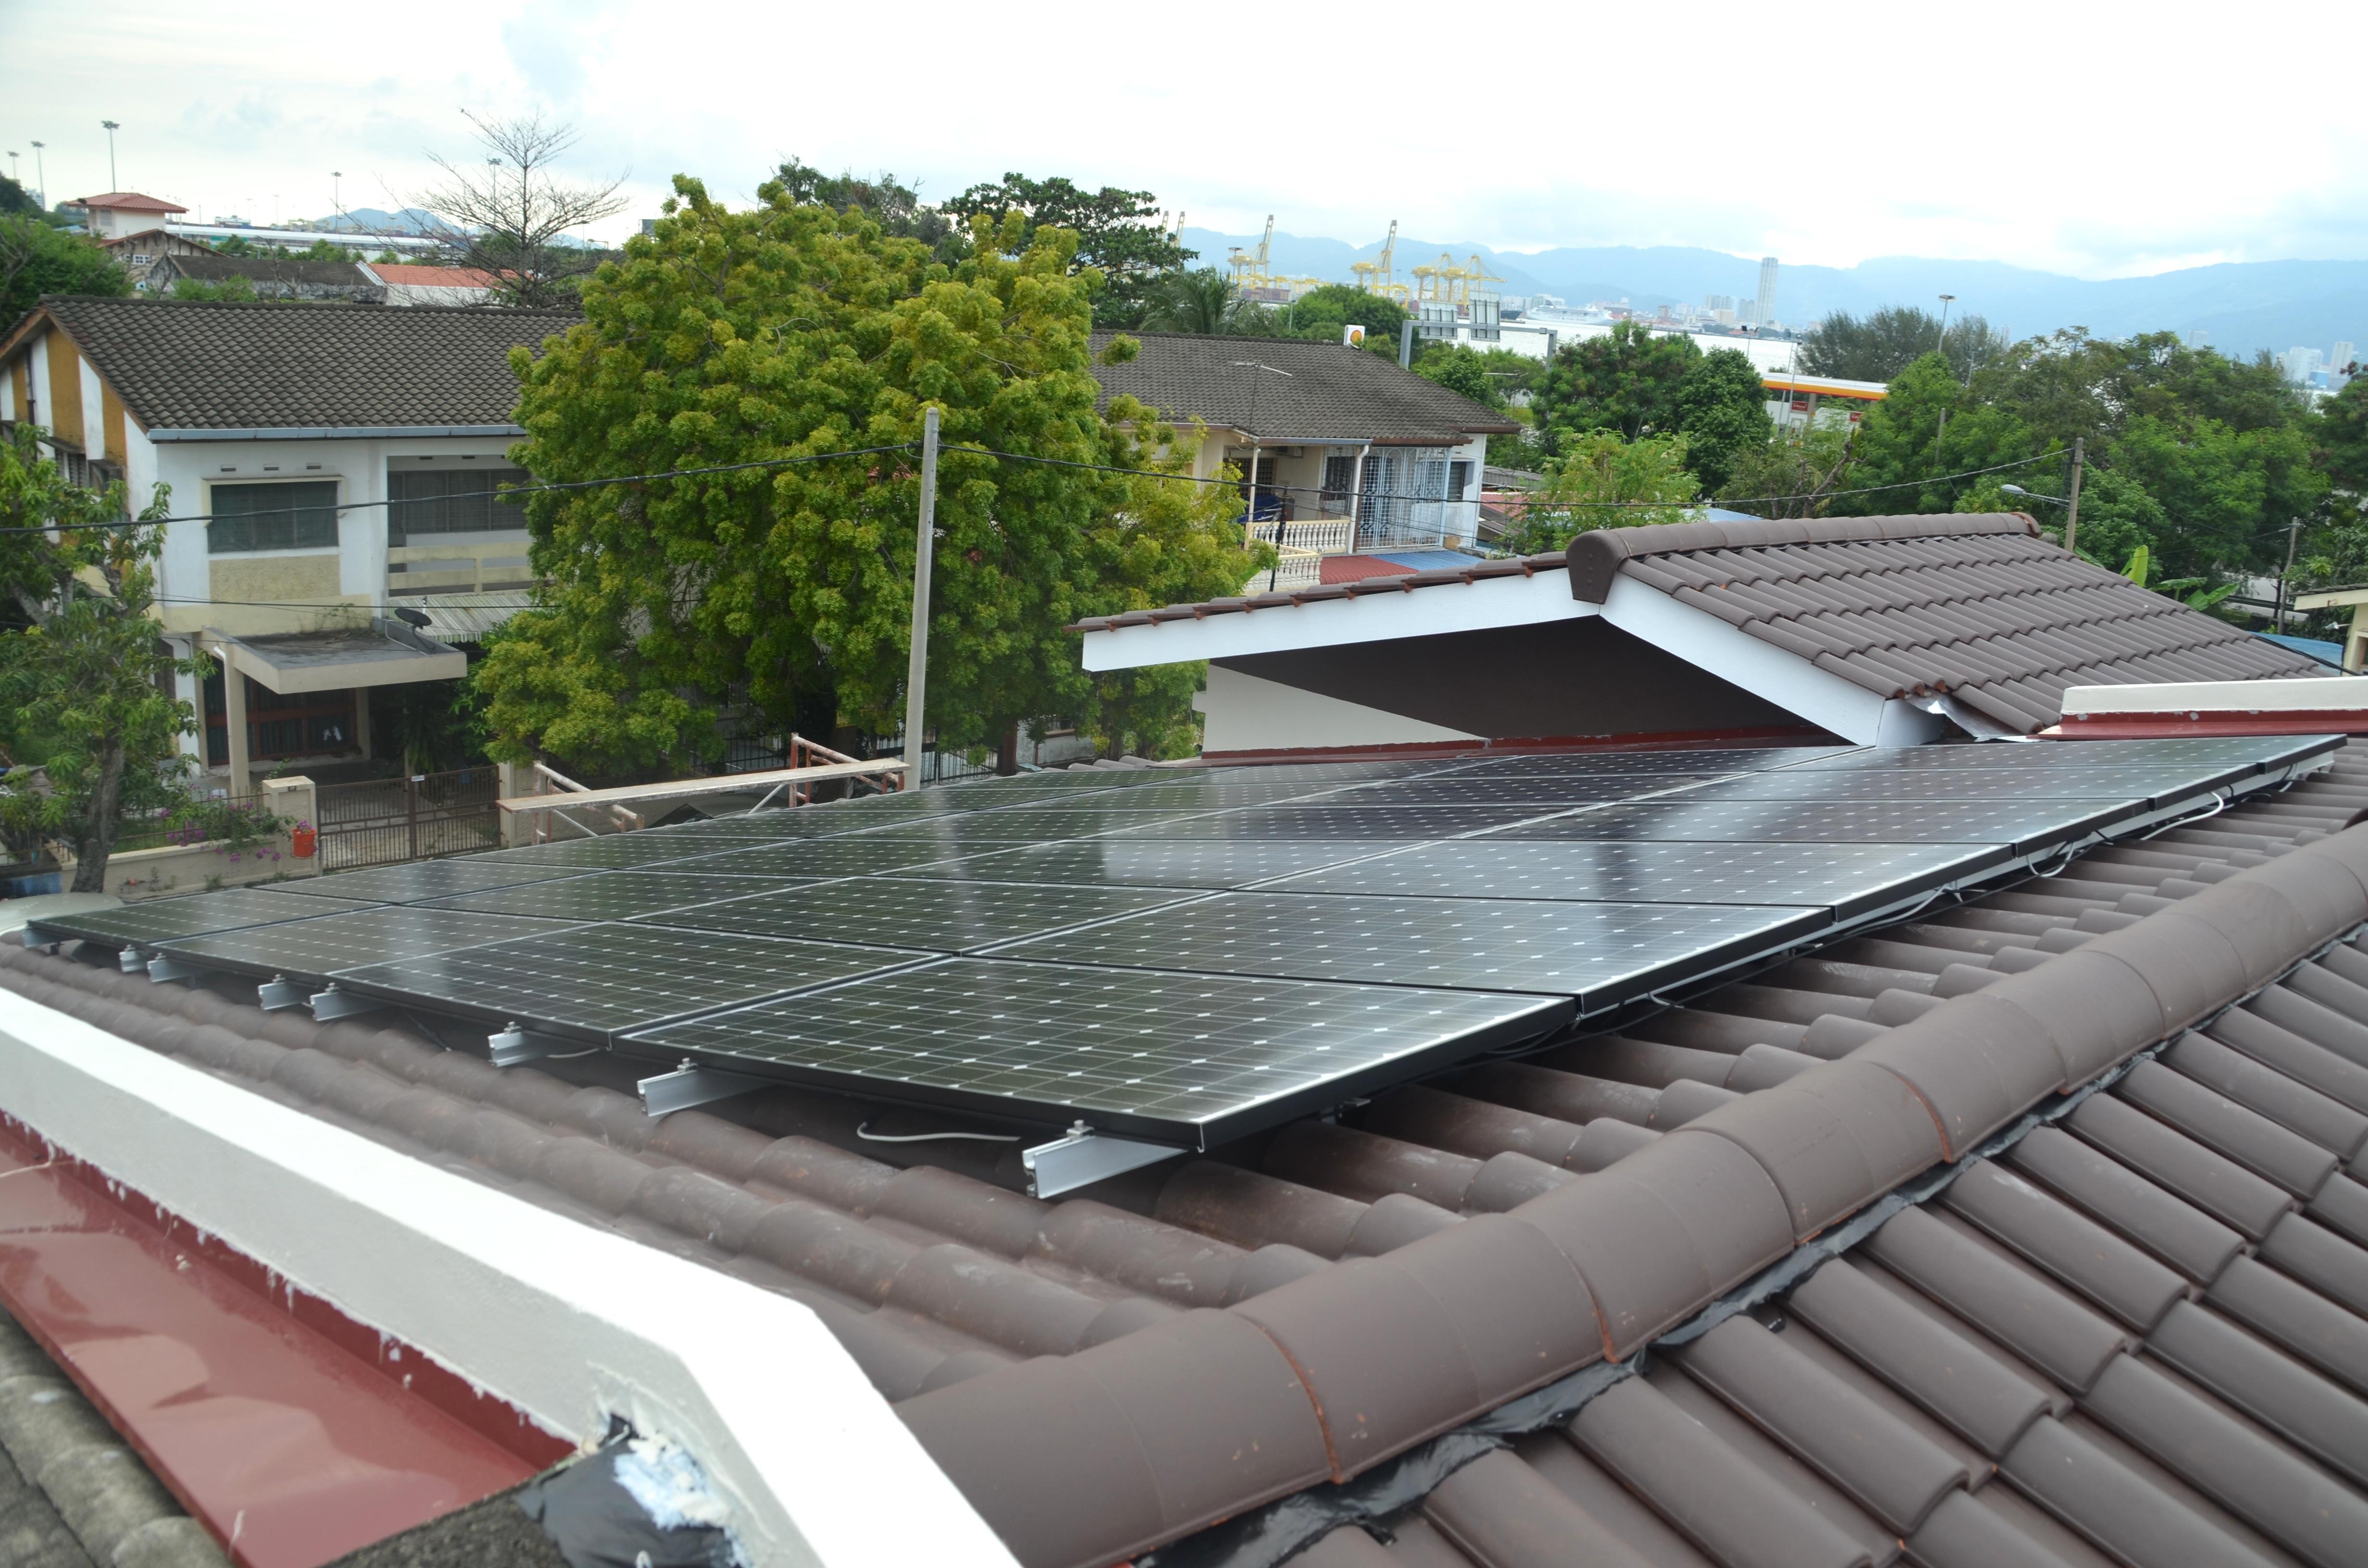 Solar Roof Residence Bagan Ajam Penang 12kW